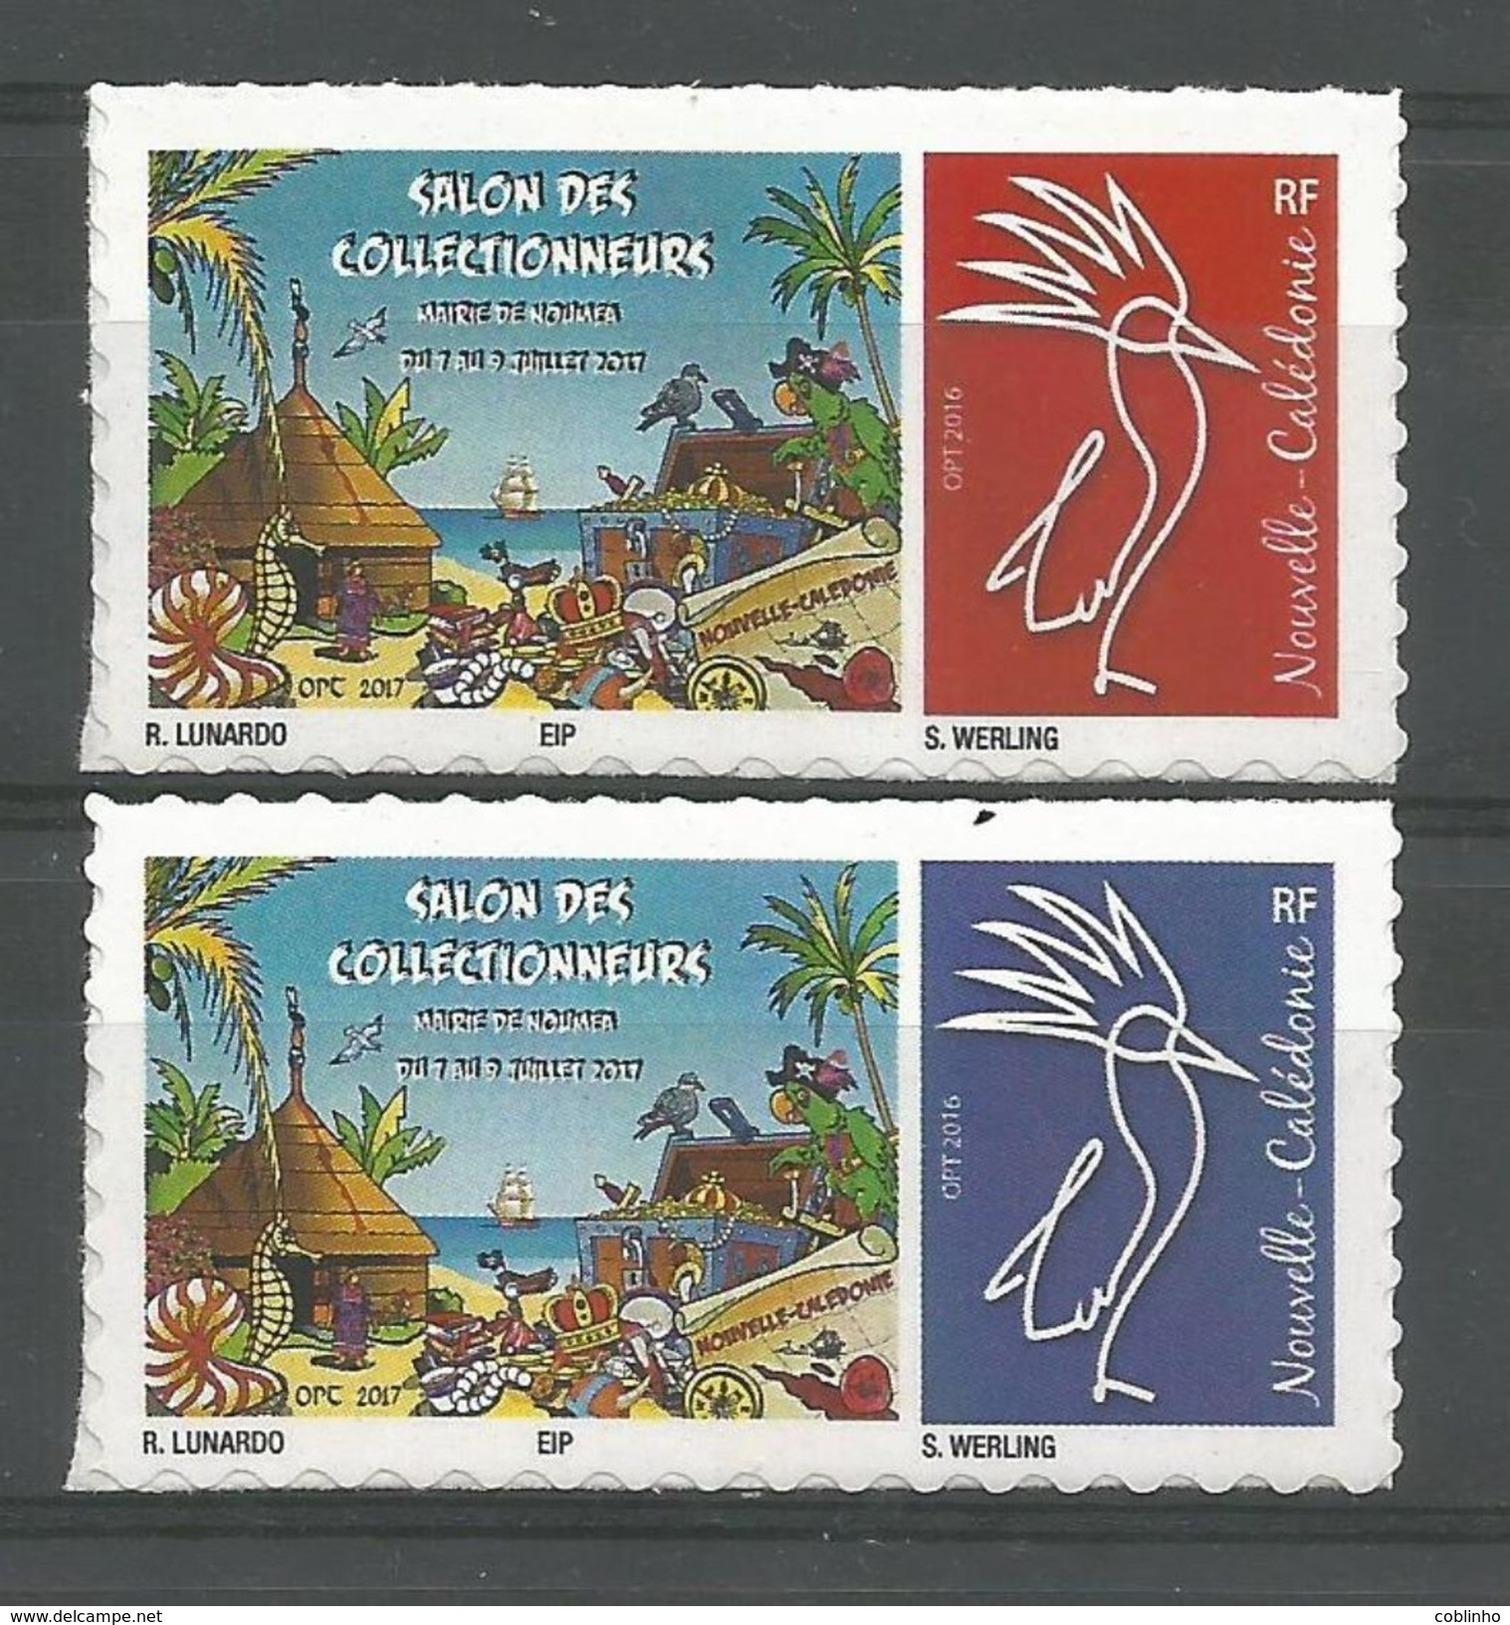 NOUVELLE CALEDONIE (New Caledonia)- Timbre Personnalisé - OPT - 2017 - Salon Collectionneurs Nouméa - Unused Stamps